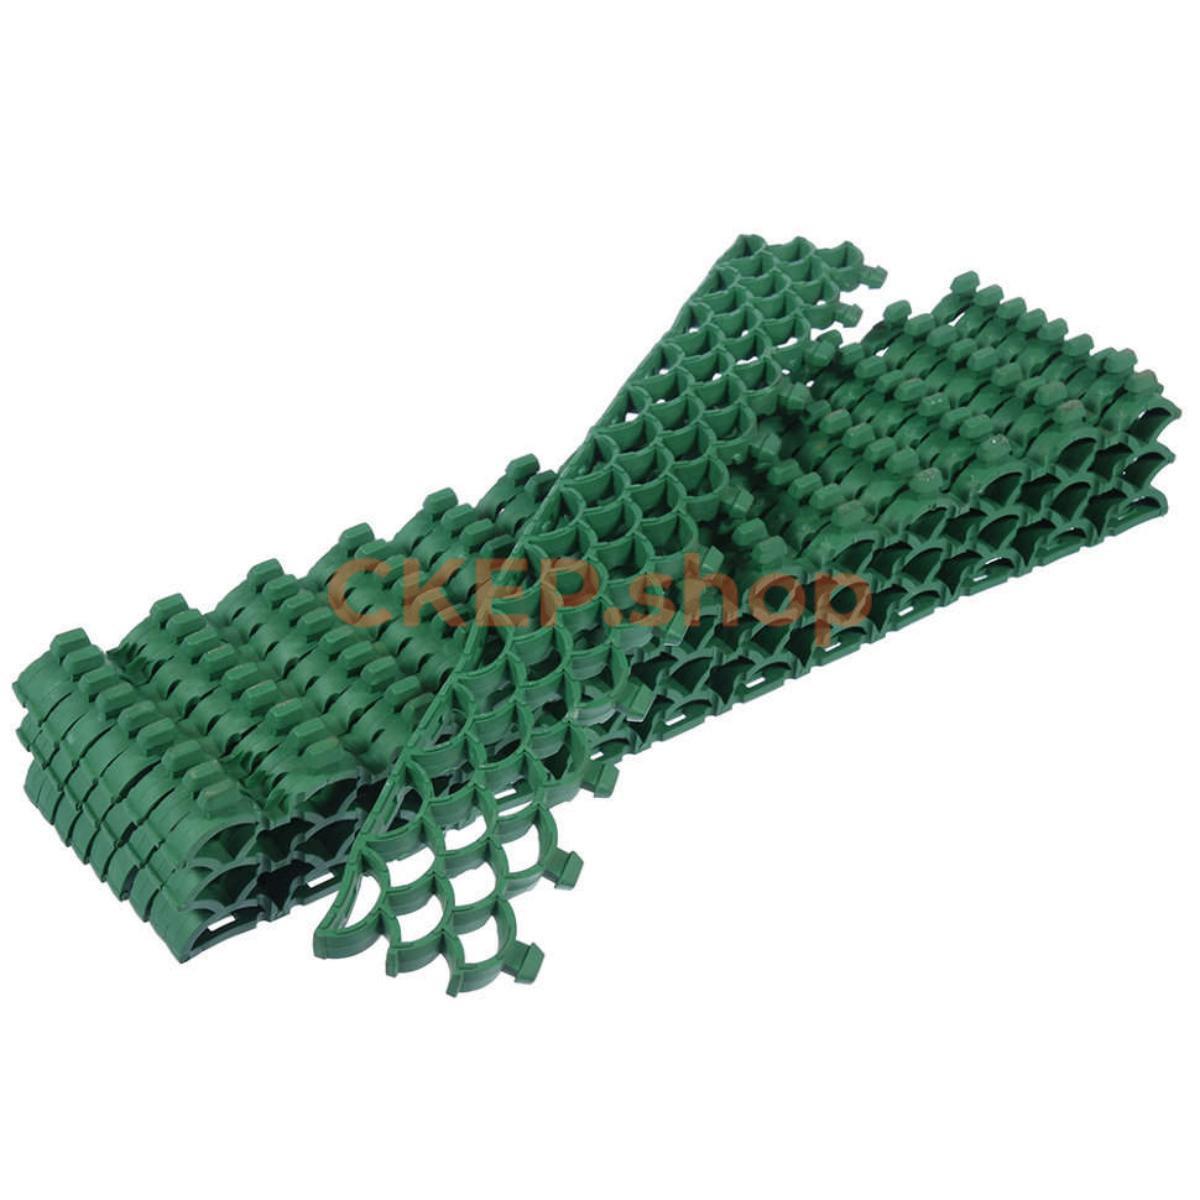 Покрытие грязезащитное Орикс-10, 10 мм, зеленое